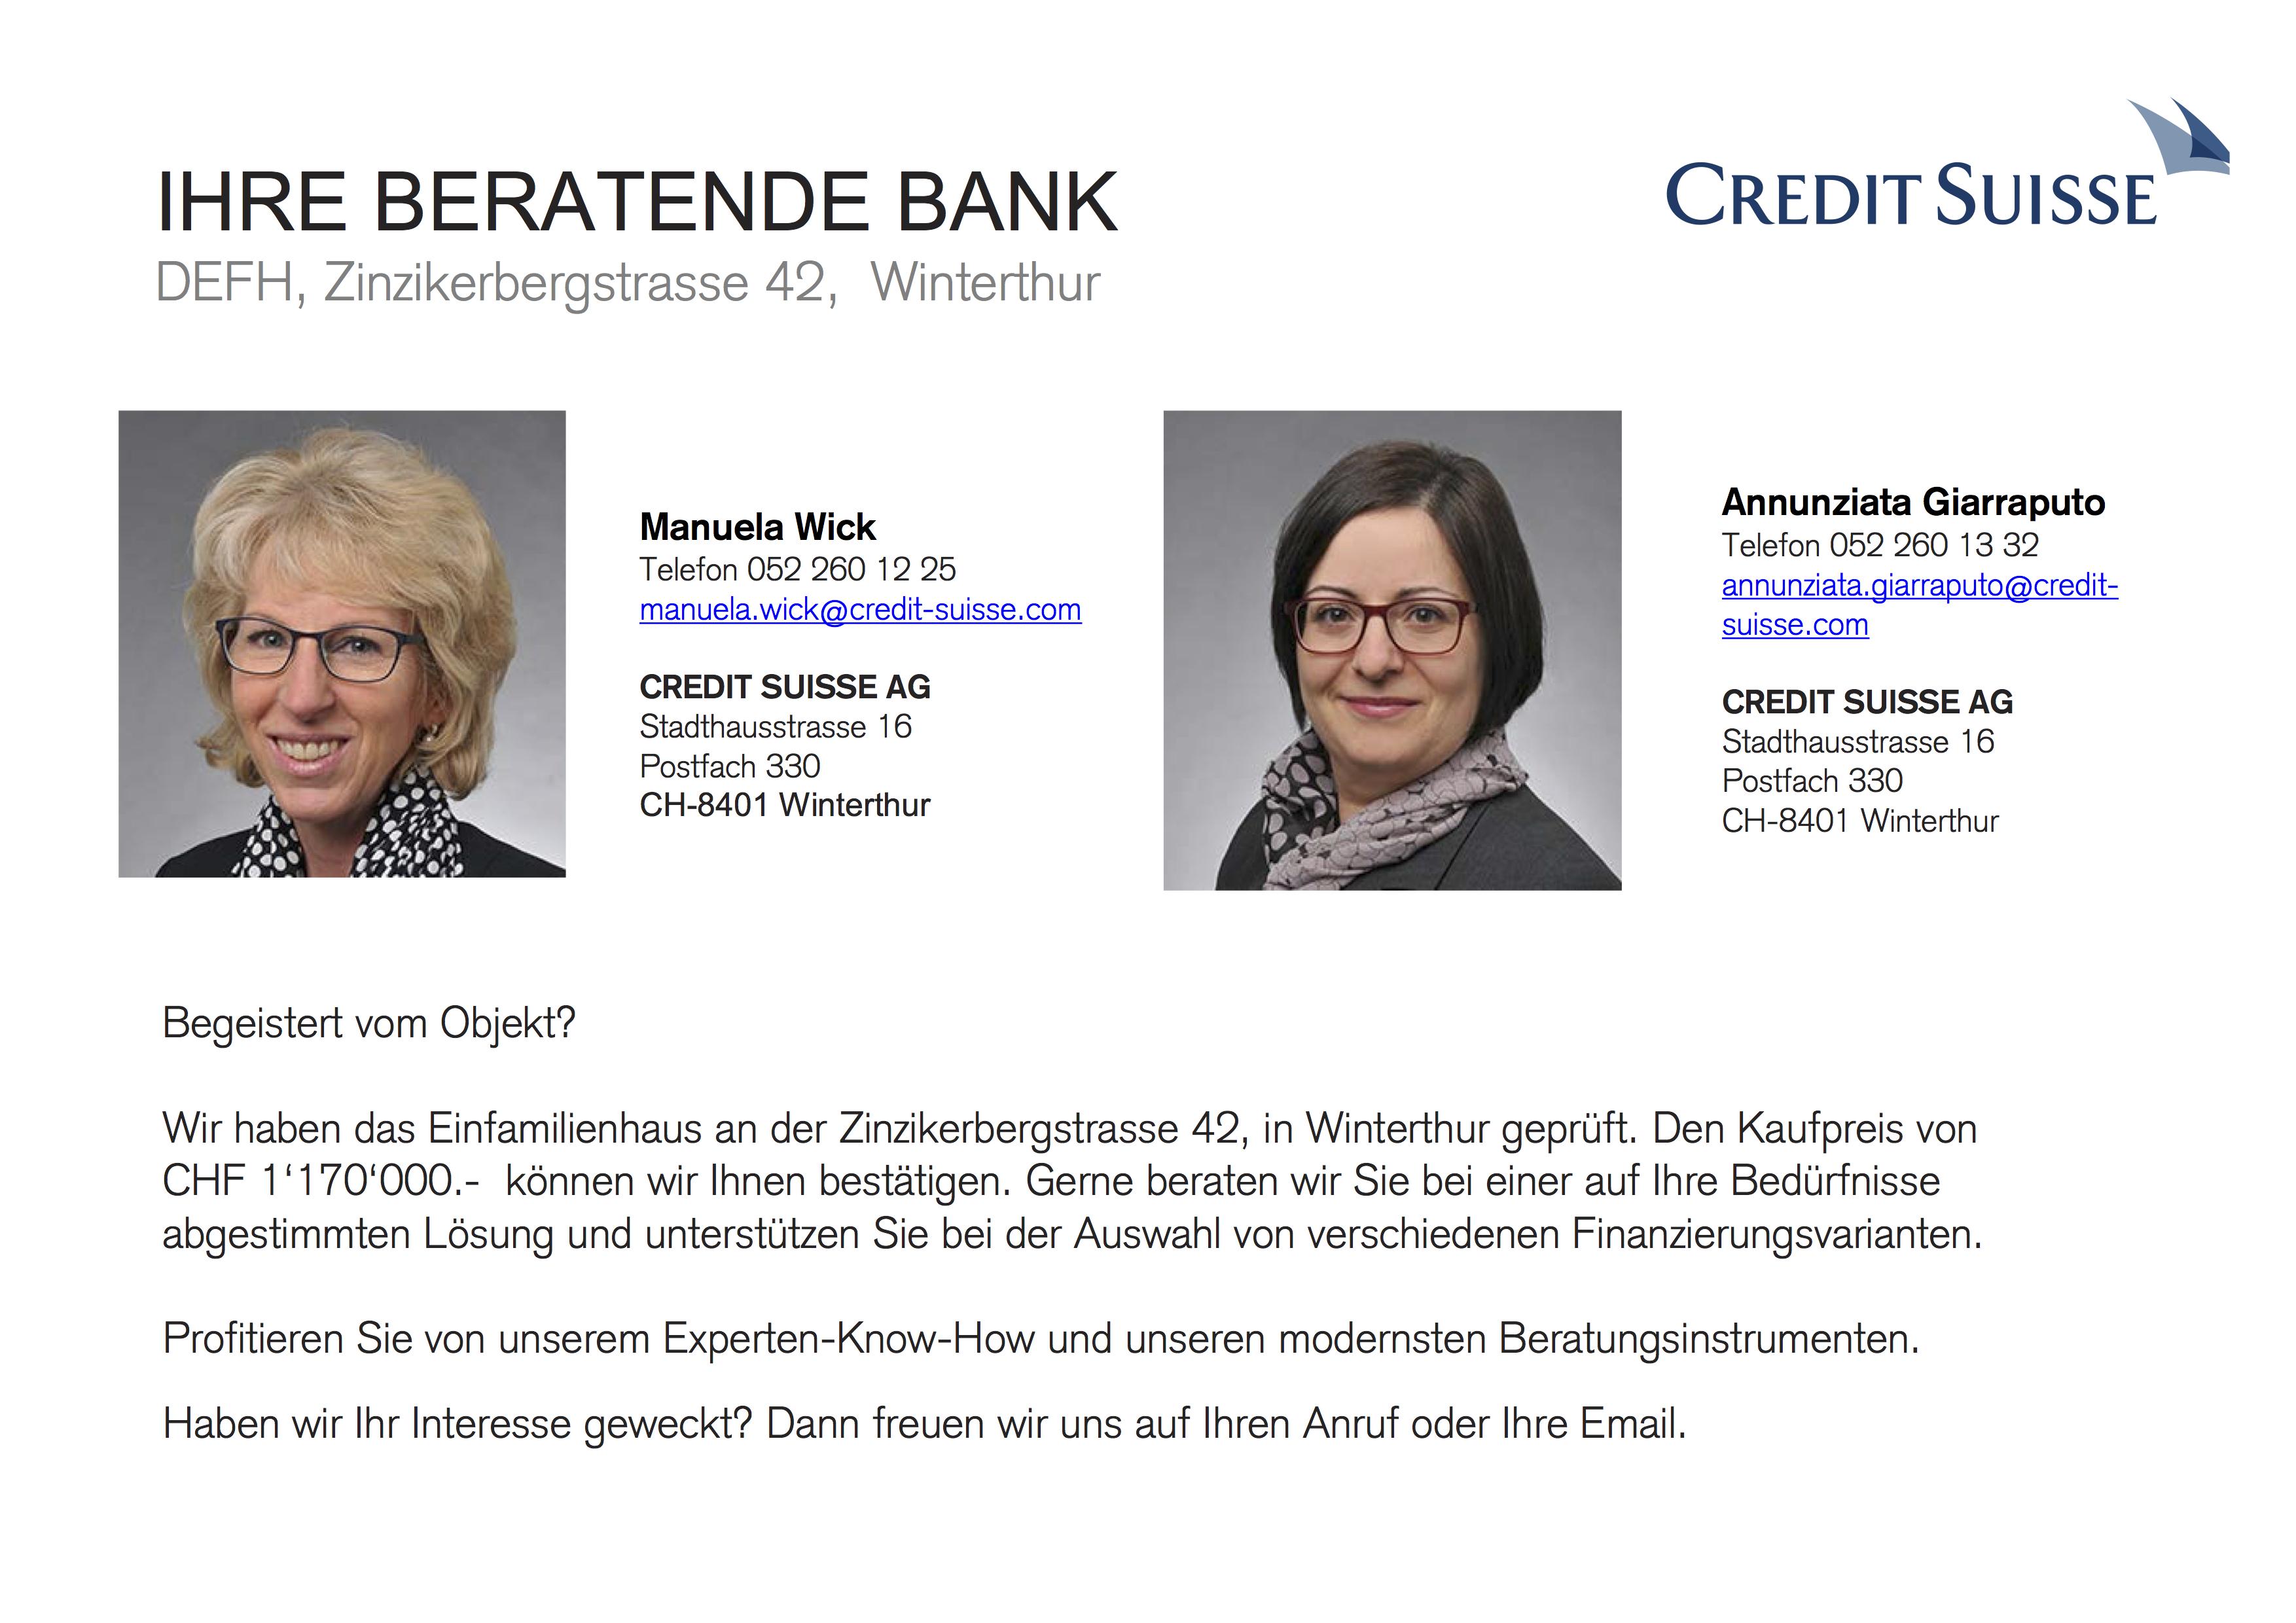 IHRE BERATENDE BANK